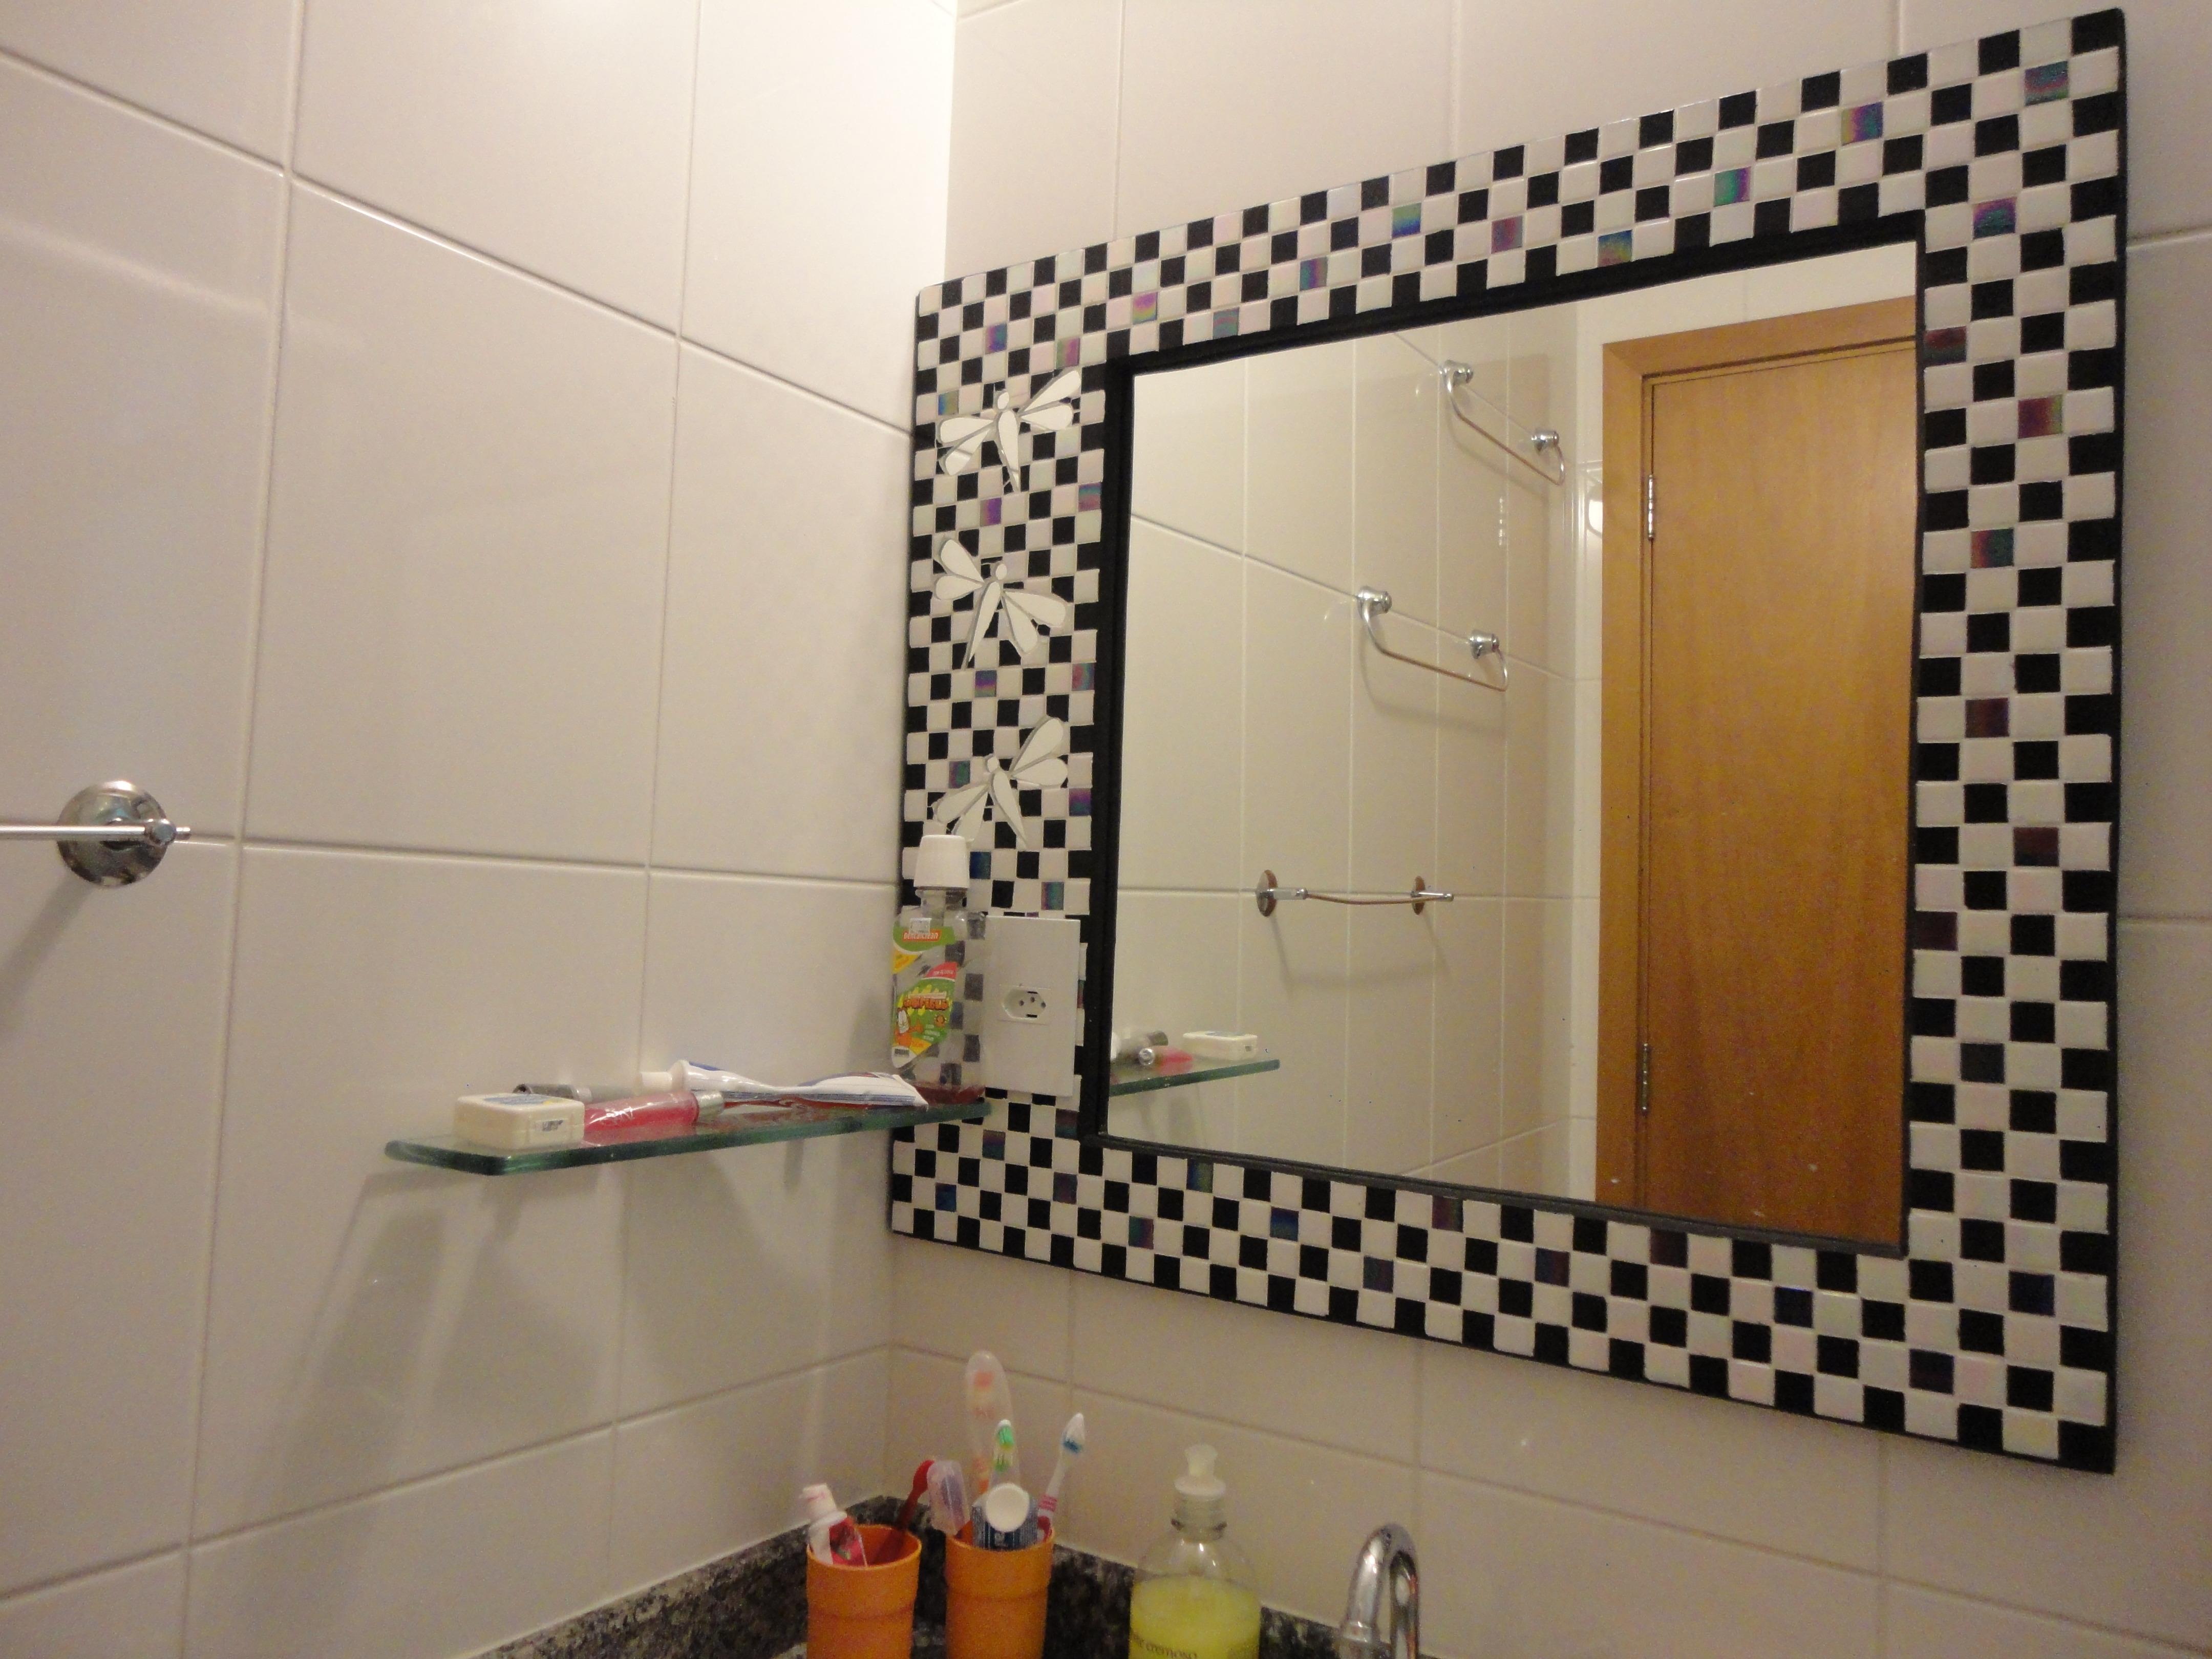 mosaico espelho mosaico espelho #71421E 4320x3240 Banheiro Com Pastilha Espelho